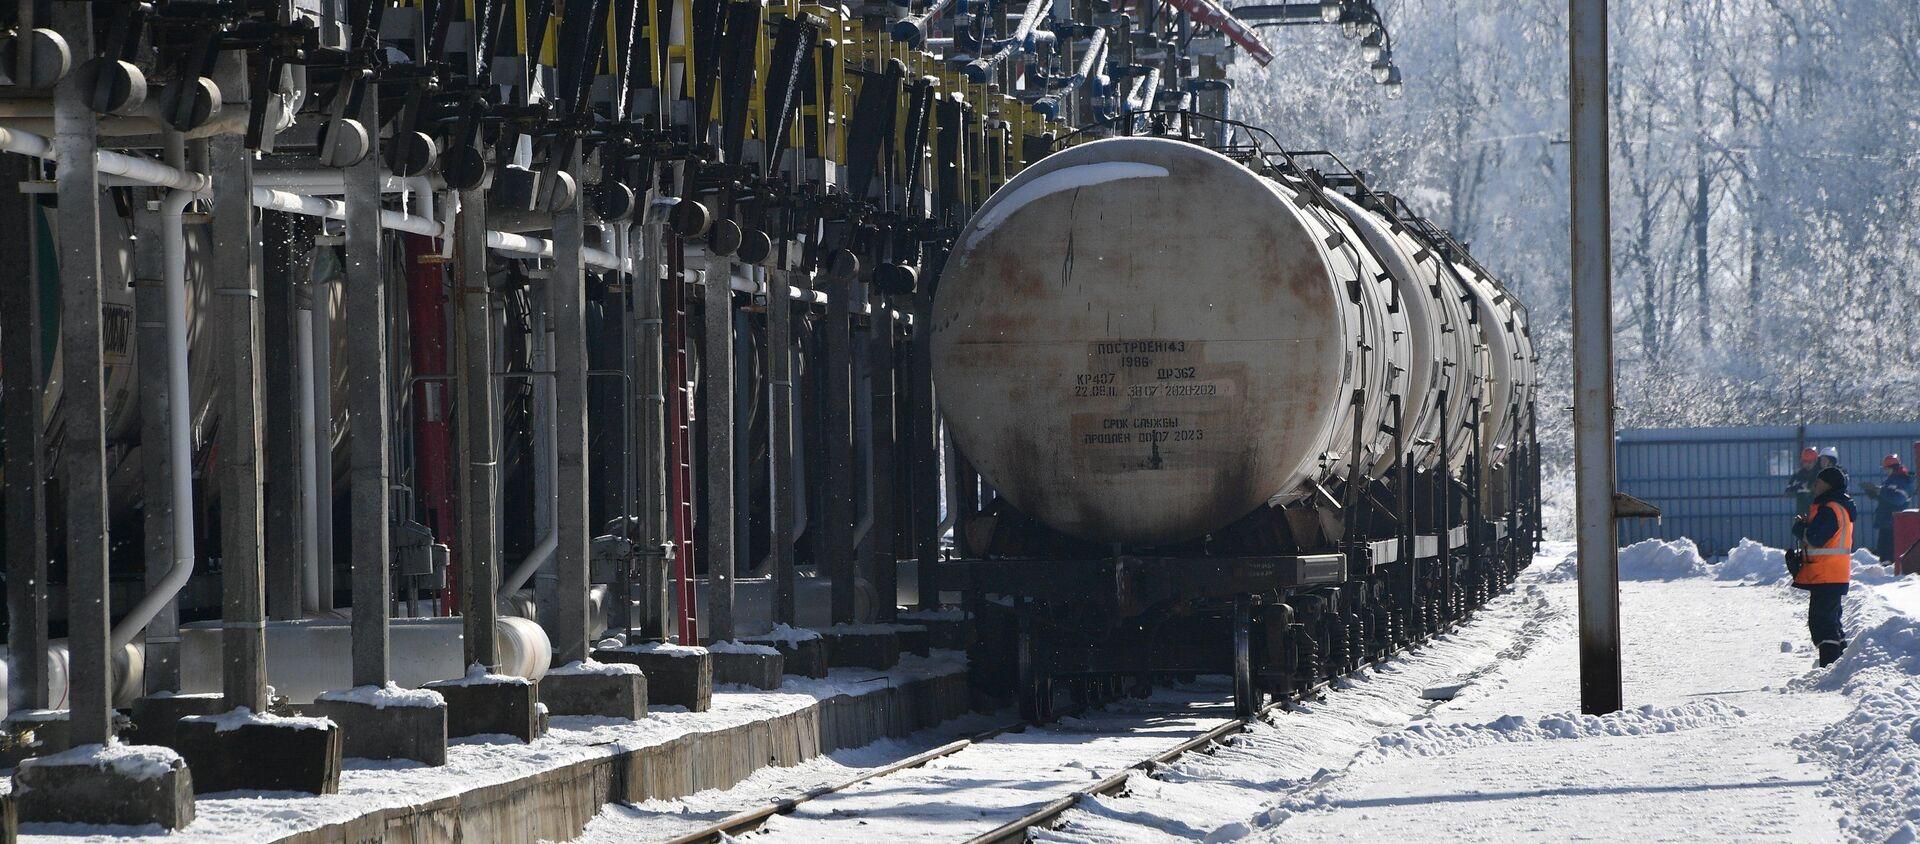 Транспарціроўка нафты Захад - Транснафтапрадукт - Sputnik Беларусь, 1920, 11.02.2021